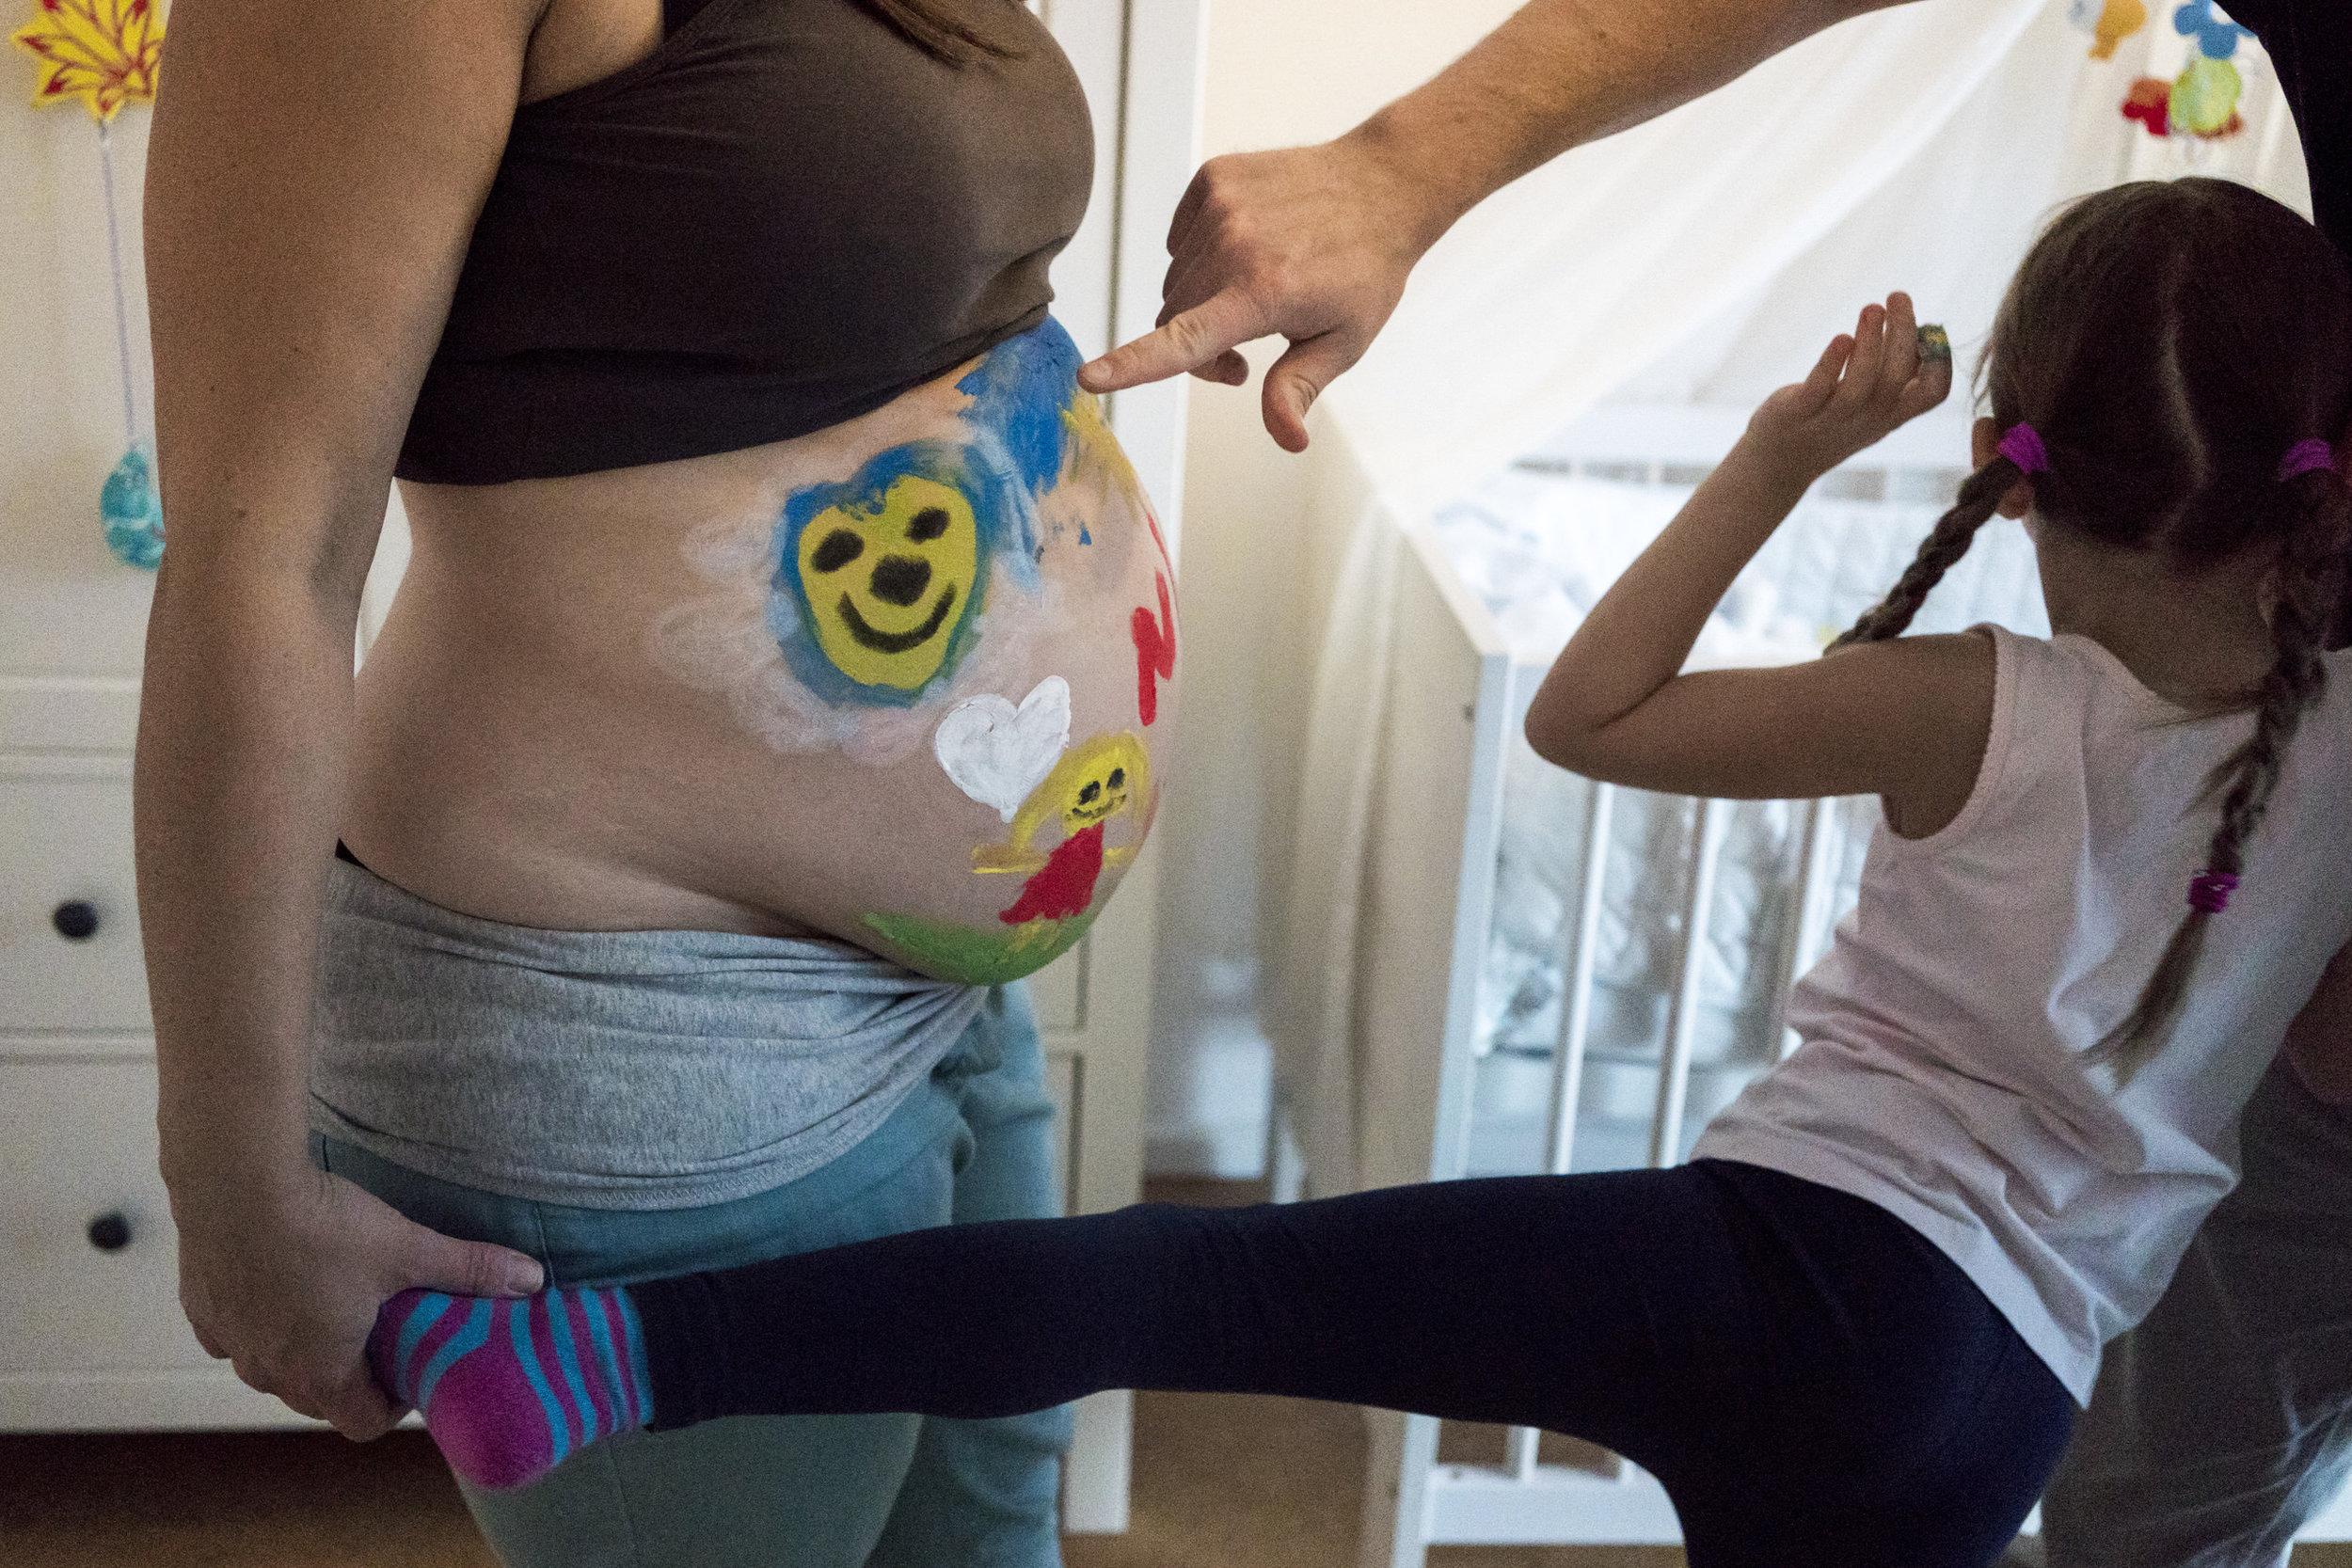 Eines meiner liebsten Babybauchfotos aus einer Familienreportage - Papa zeigt auf den schwangeren Bauch seiner Frau